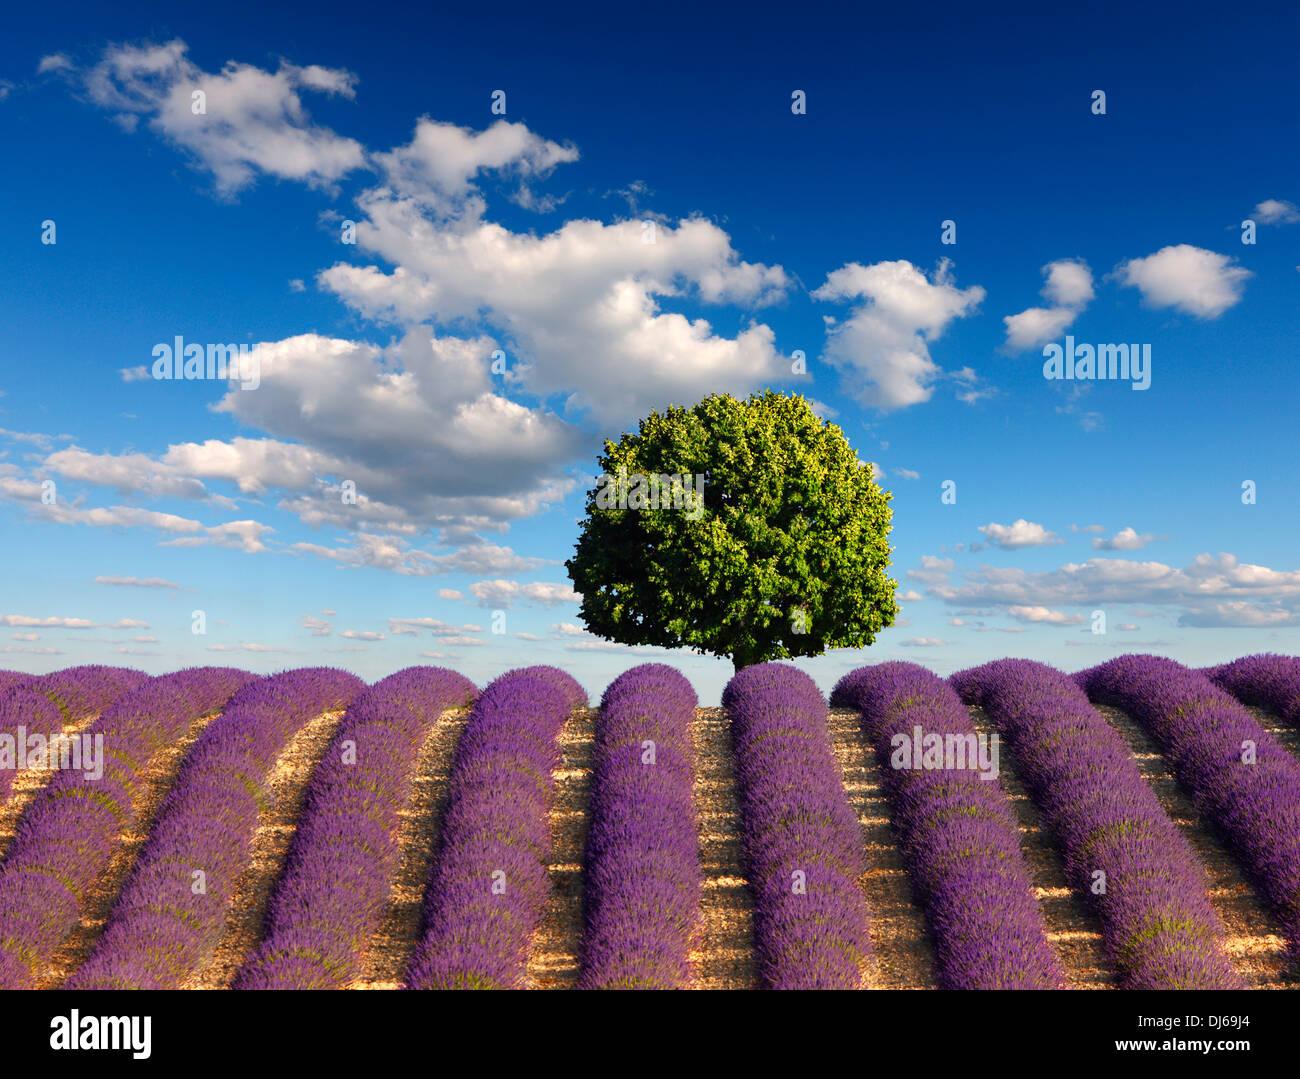 Baum im Lavendelfeld mit Wolken am blauen Himmel. Stockfoto